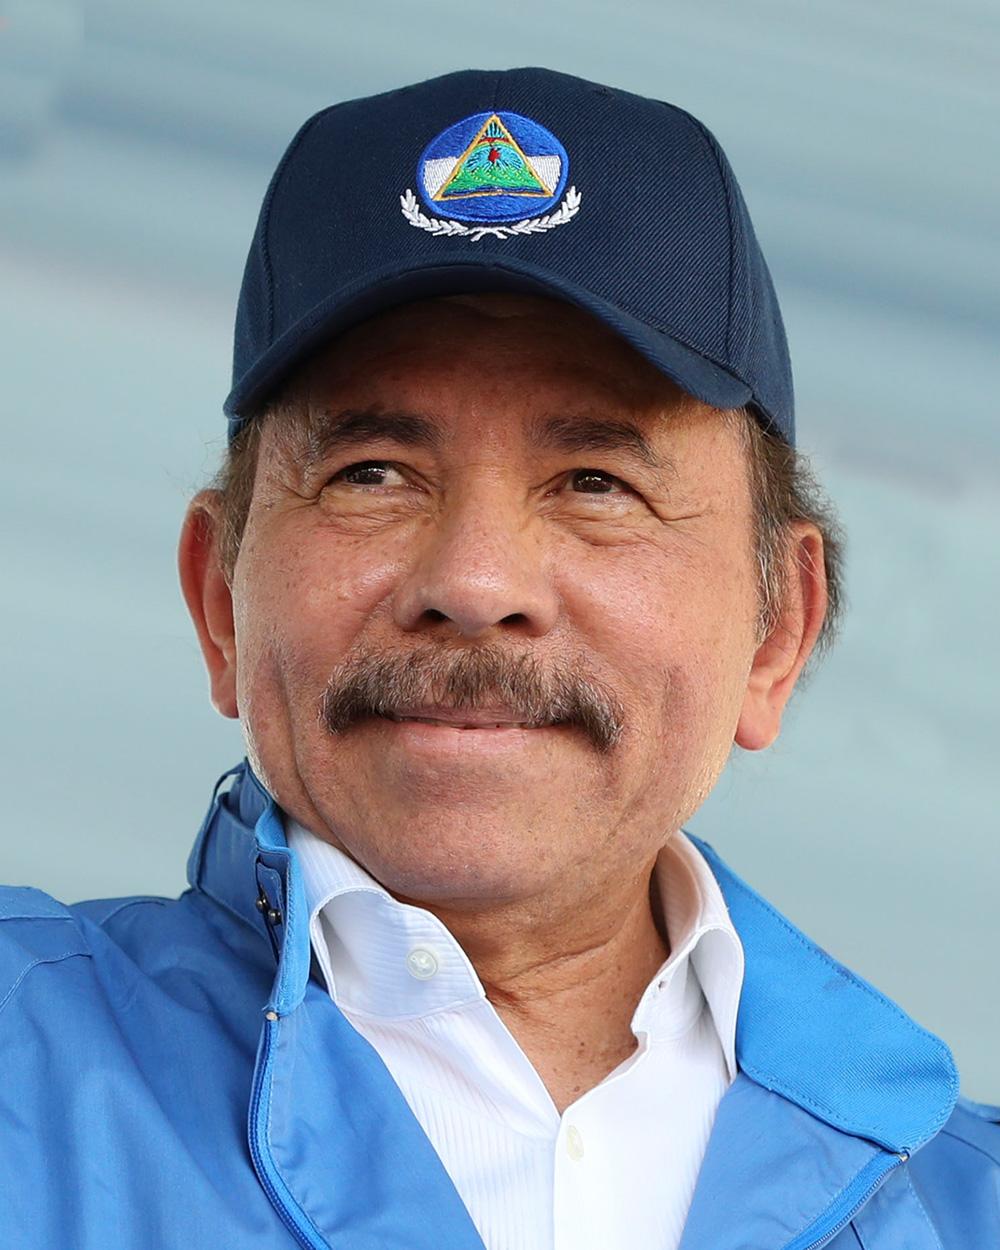 Las cifras demuestran que Nicaragua avanza Por Ismael Sánchez Castillo (*), diario digital Mundo Obrero, de España